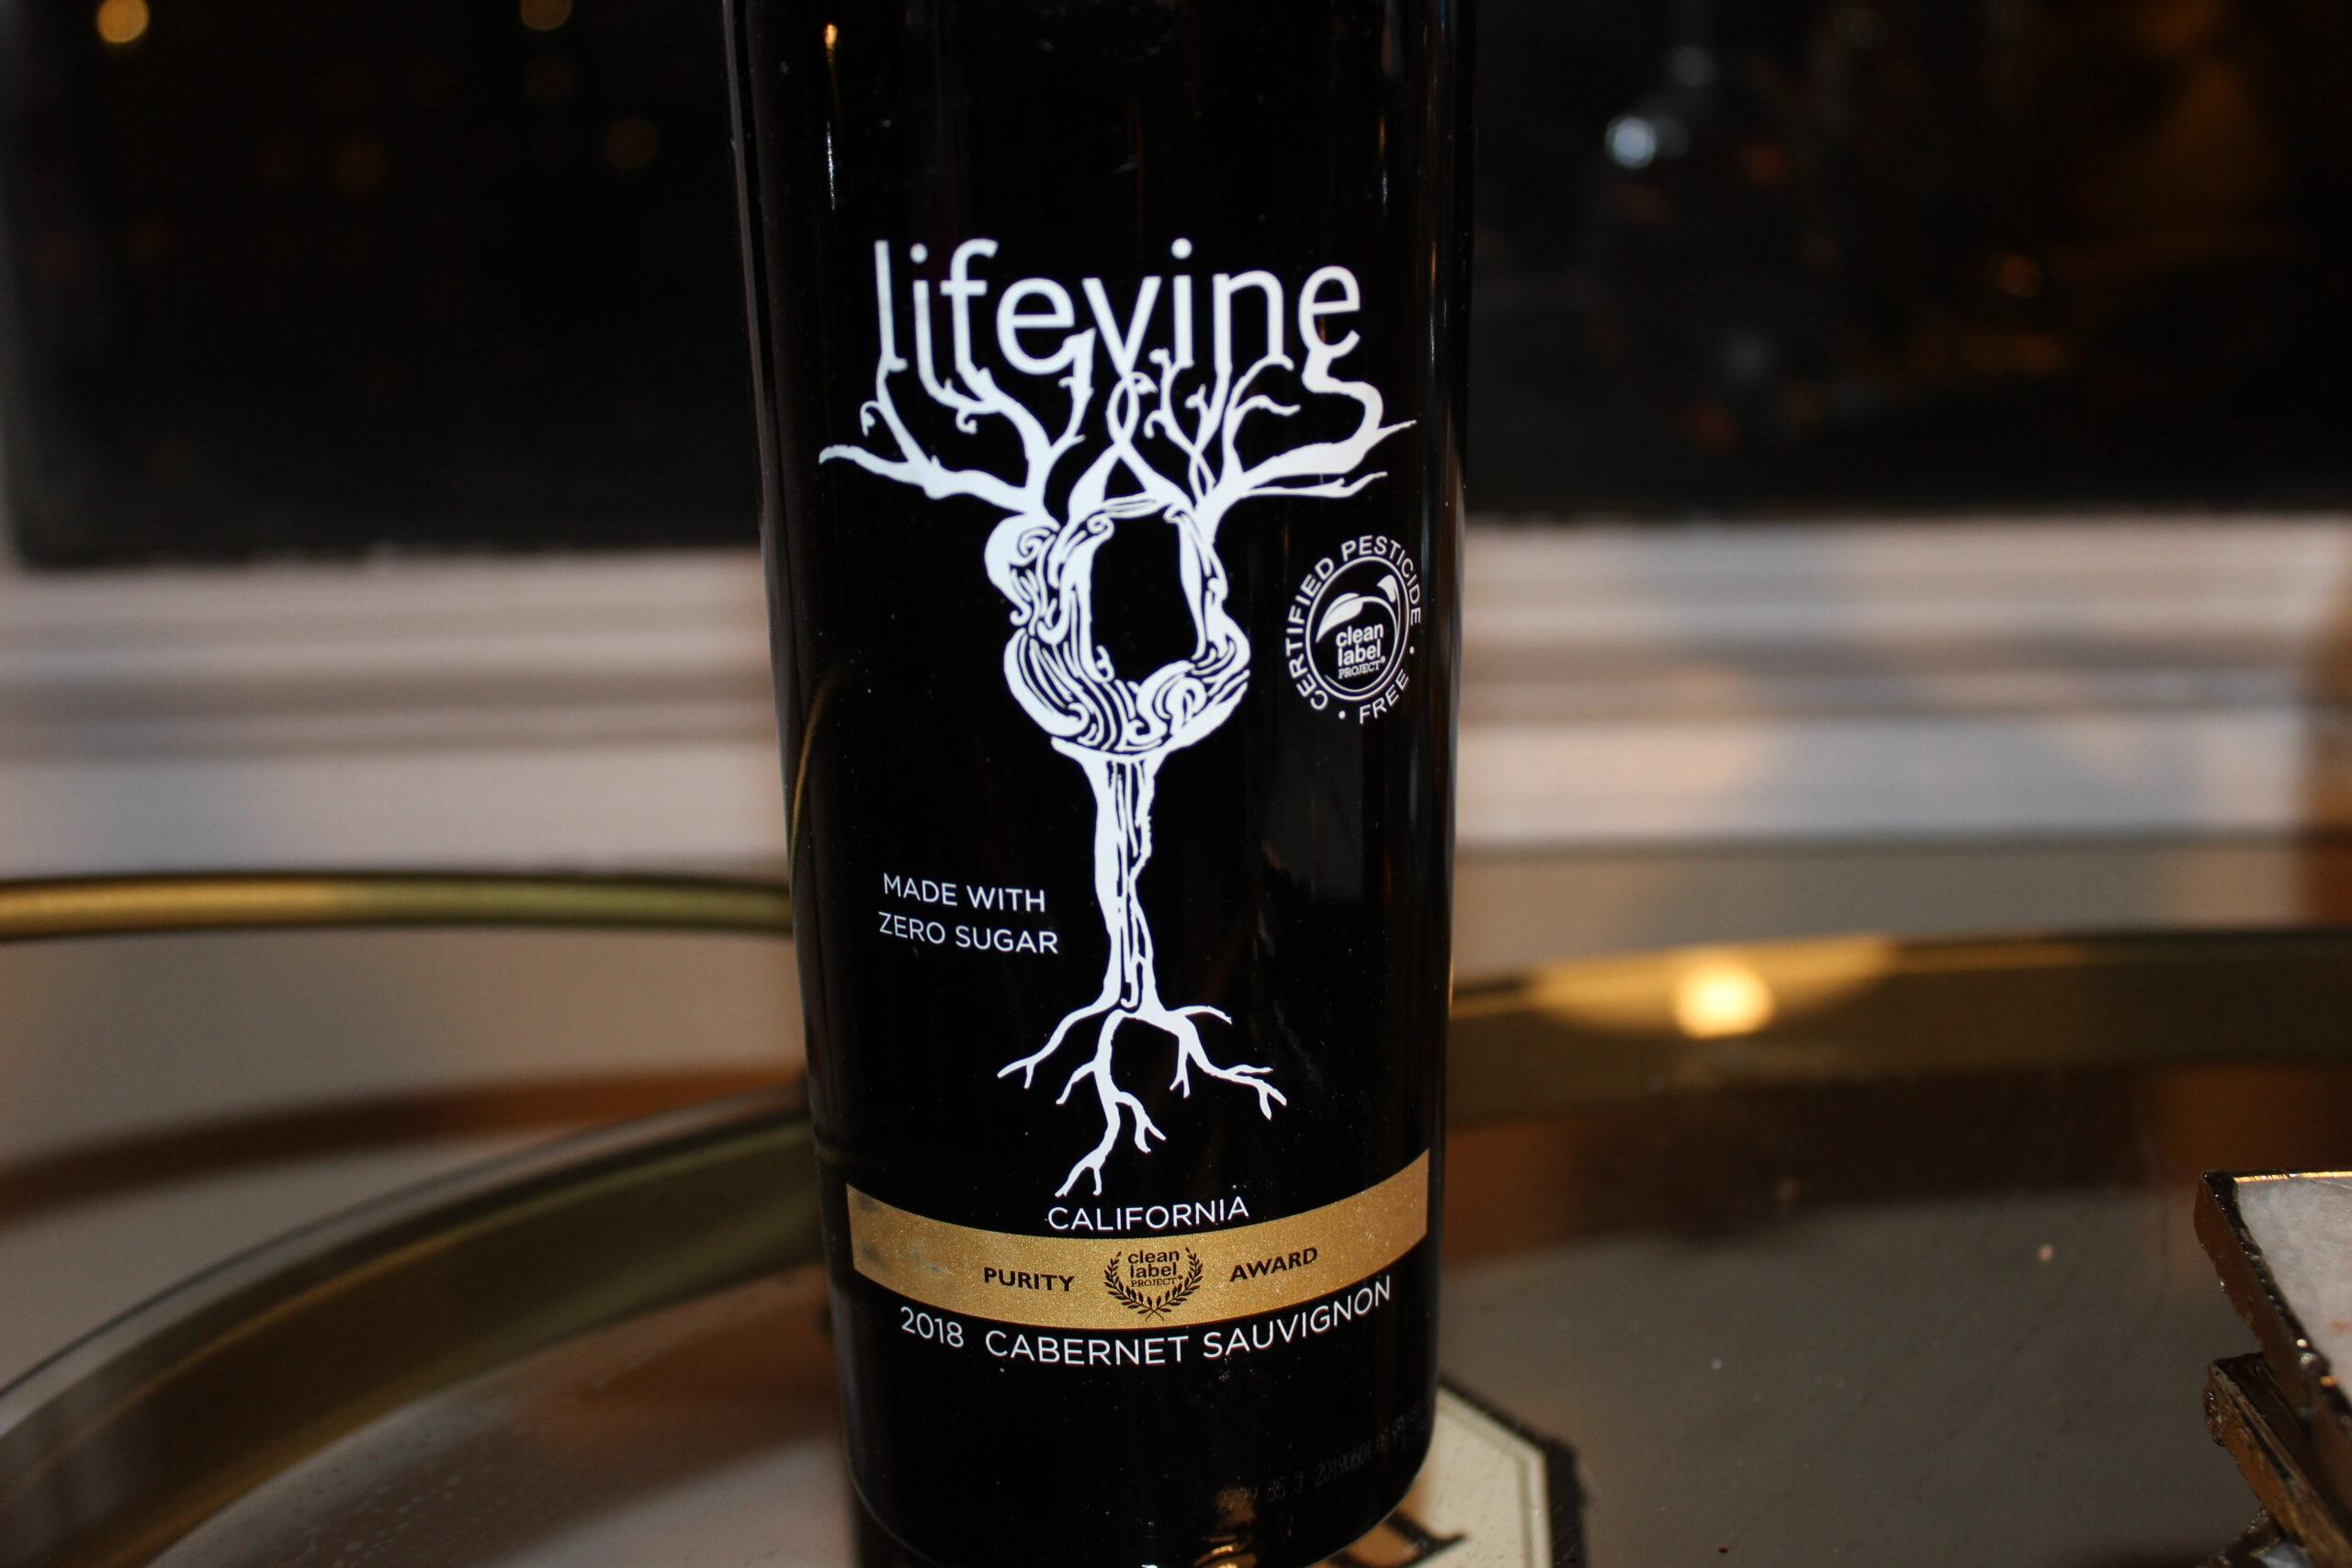 Lifevine 2018 Cabernet Sauvignon